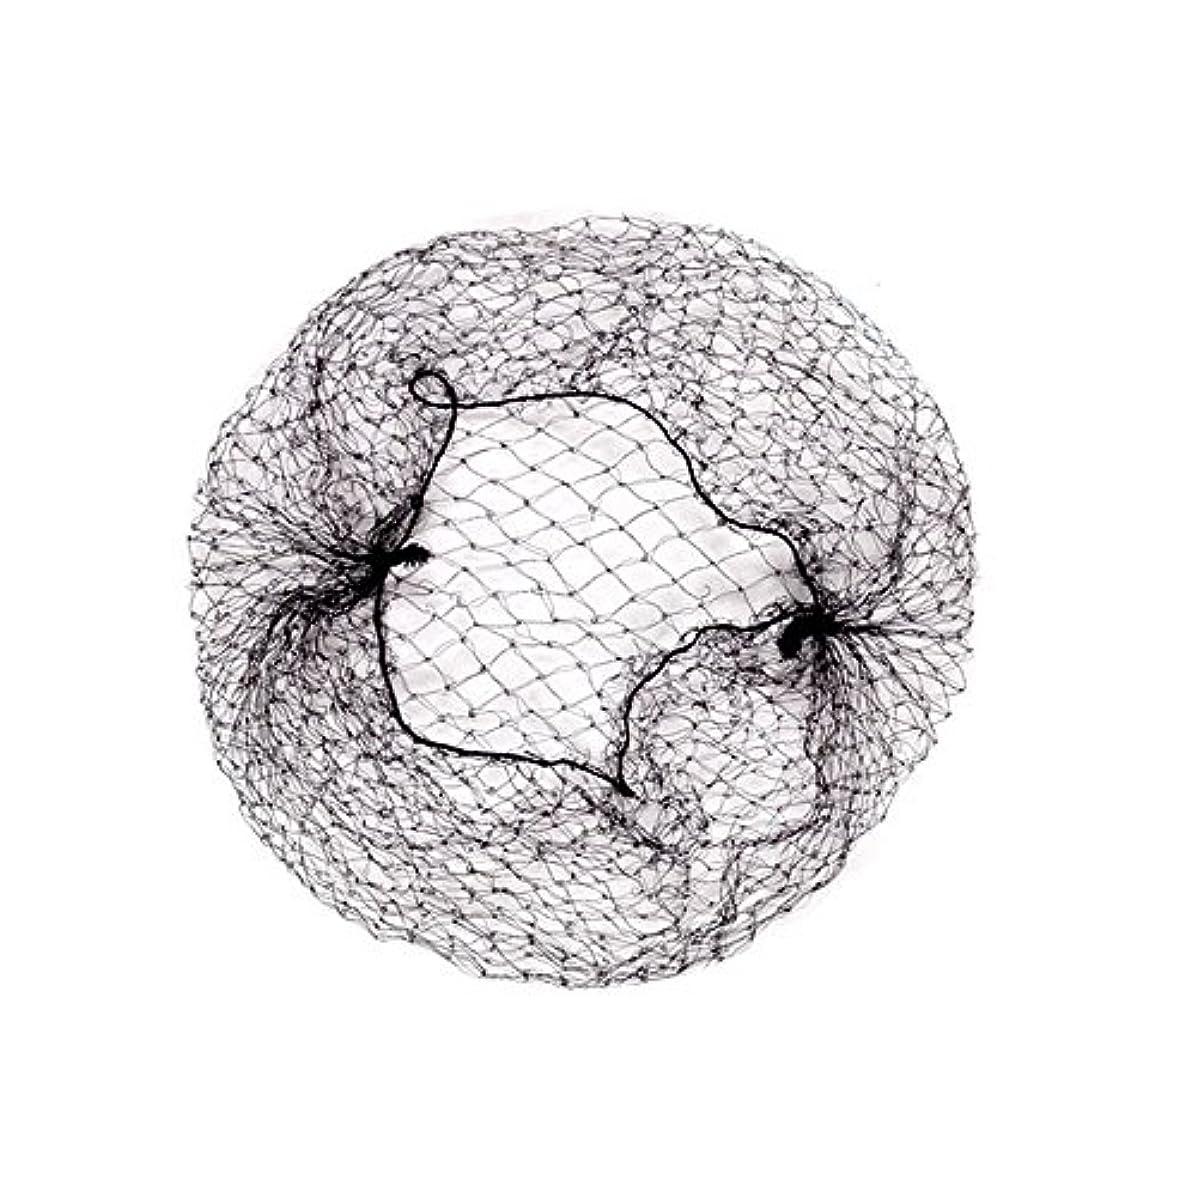 逆未亡人ドーム髪束ねネットセット(アシアナネット) ファッション小物 60枚セット